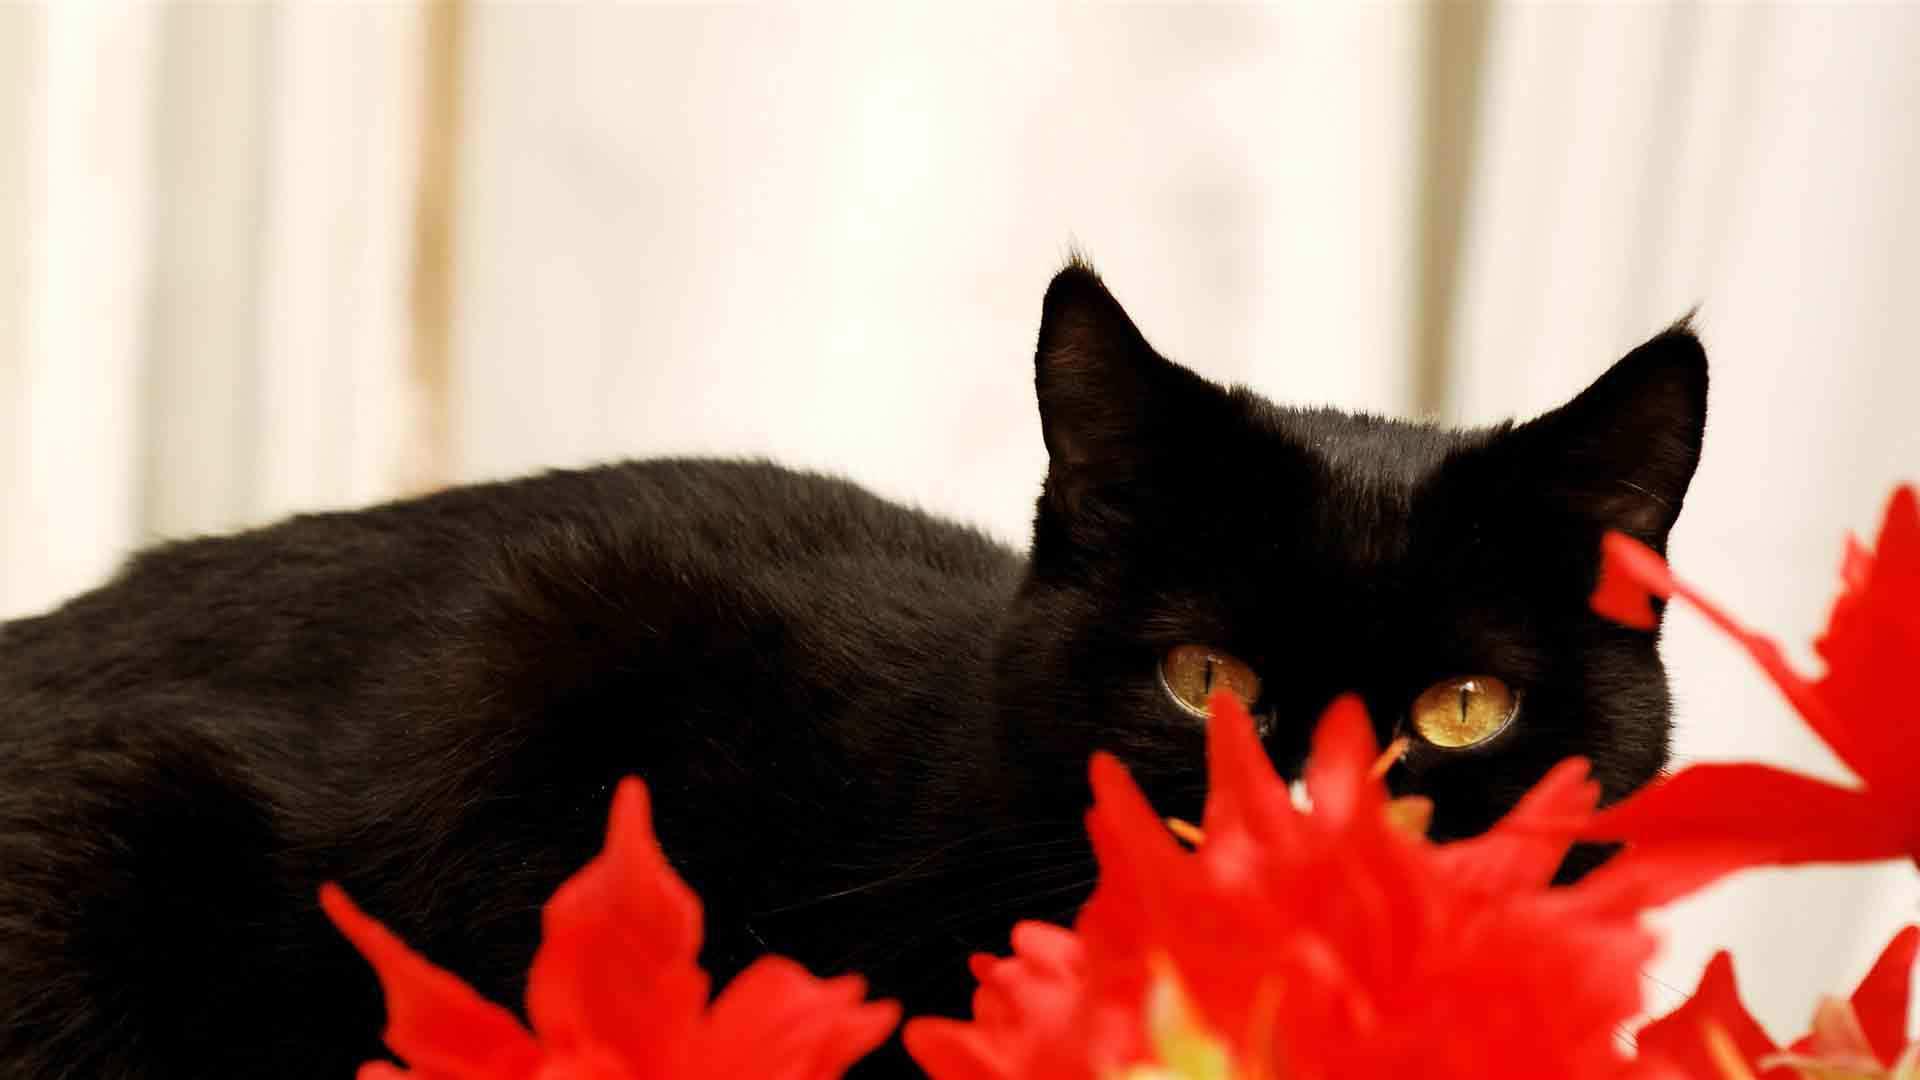 Black Cat wallpaper 18